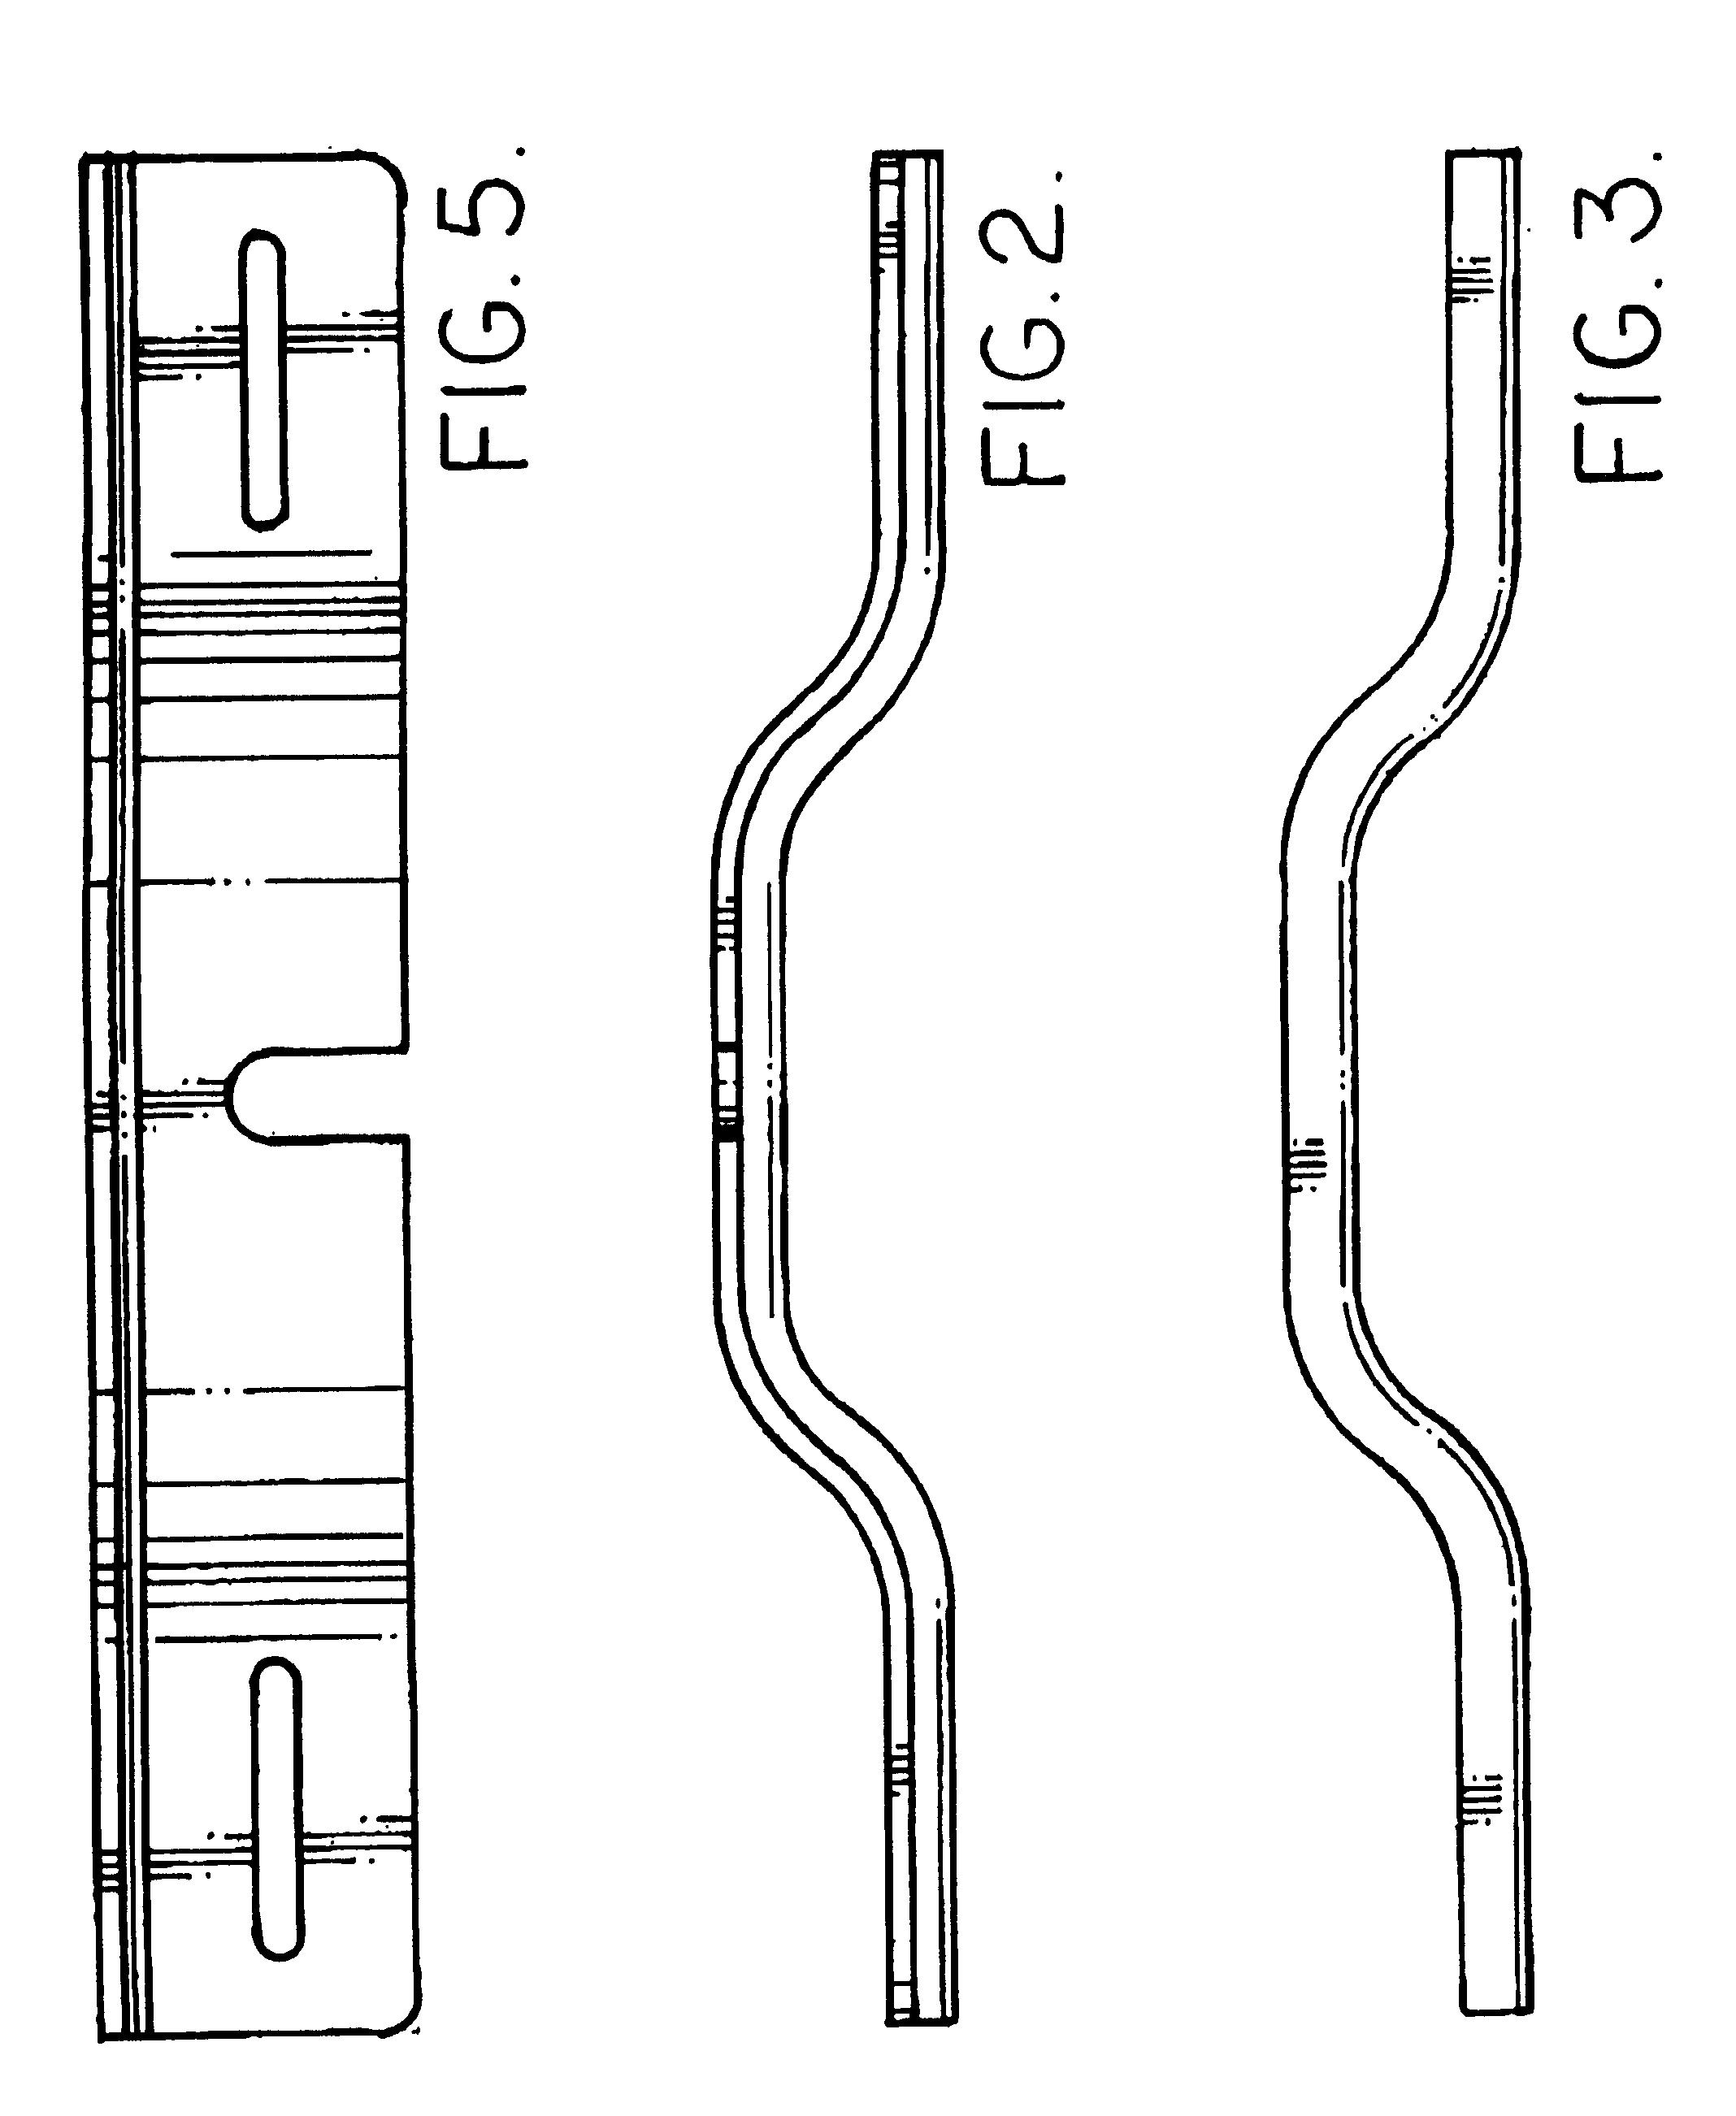 mounting bracket for chandelier light fixture google patents. Black Bedroom Furniture Sets. Home Design Ideas